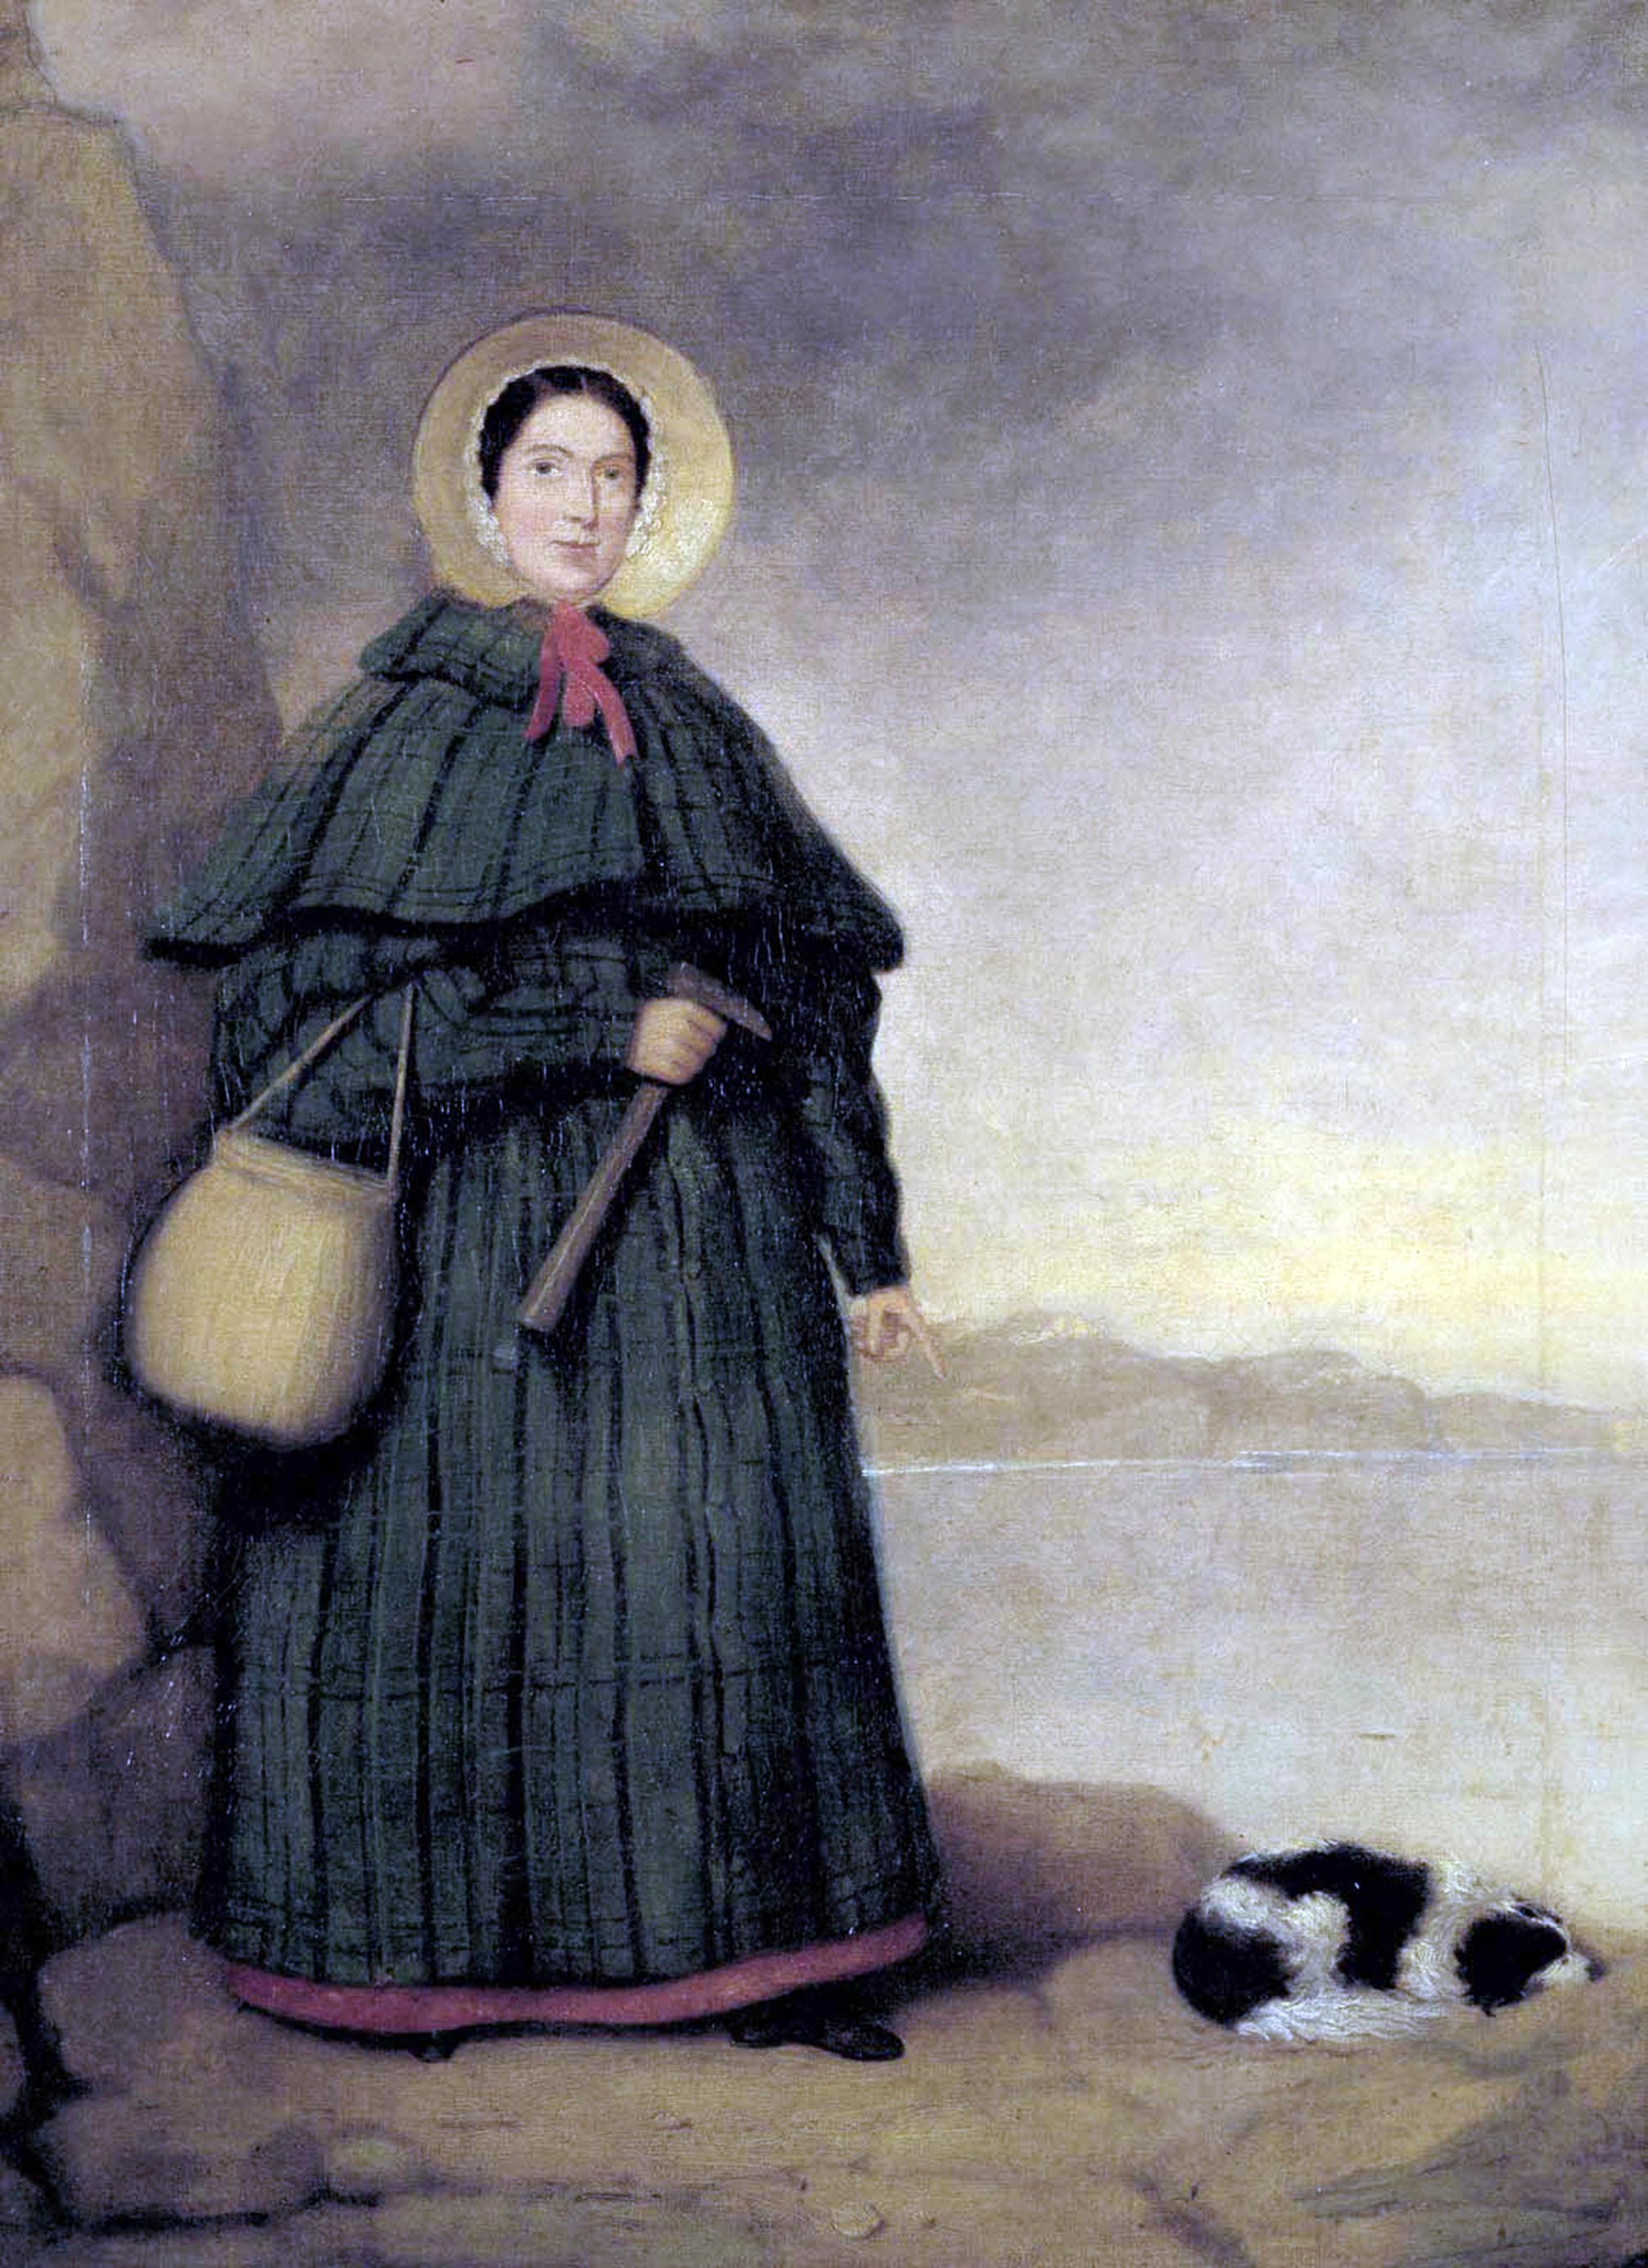 De EngelsepaleontoloogMary Anning (1799 - 1847) stond bekendals de bestefossielenverzamelaar van haar tijd.